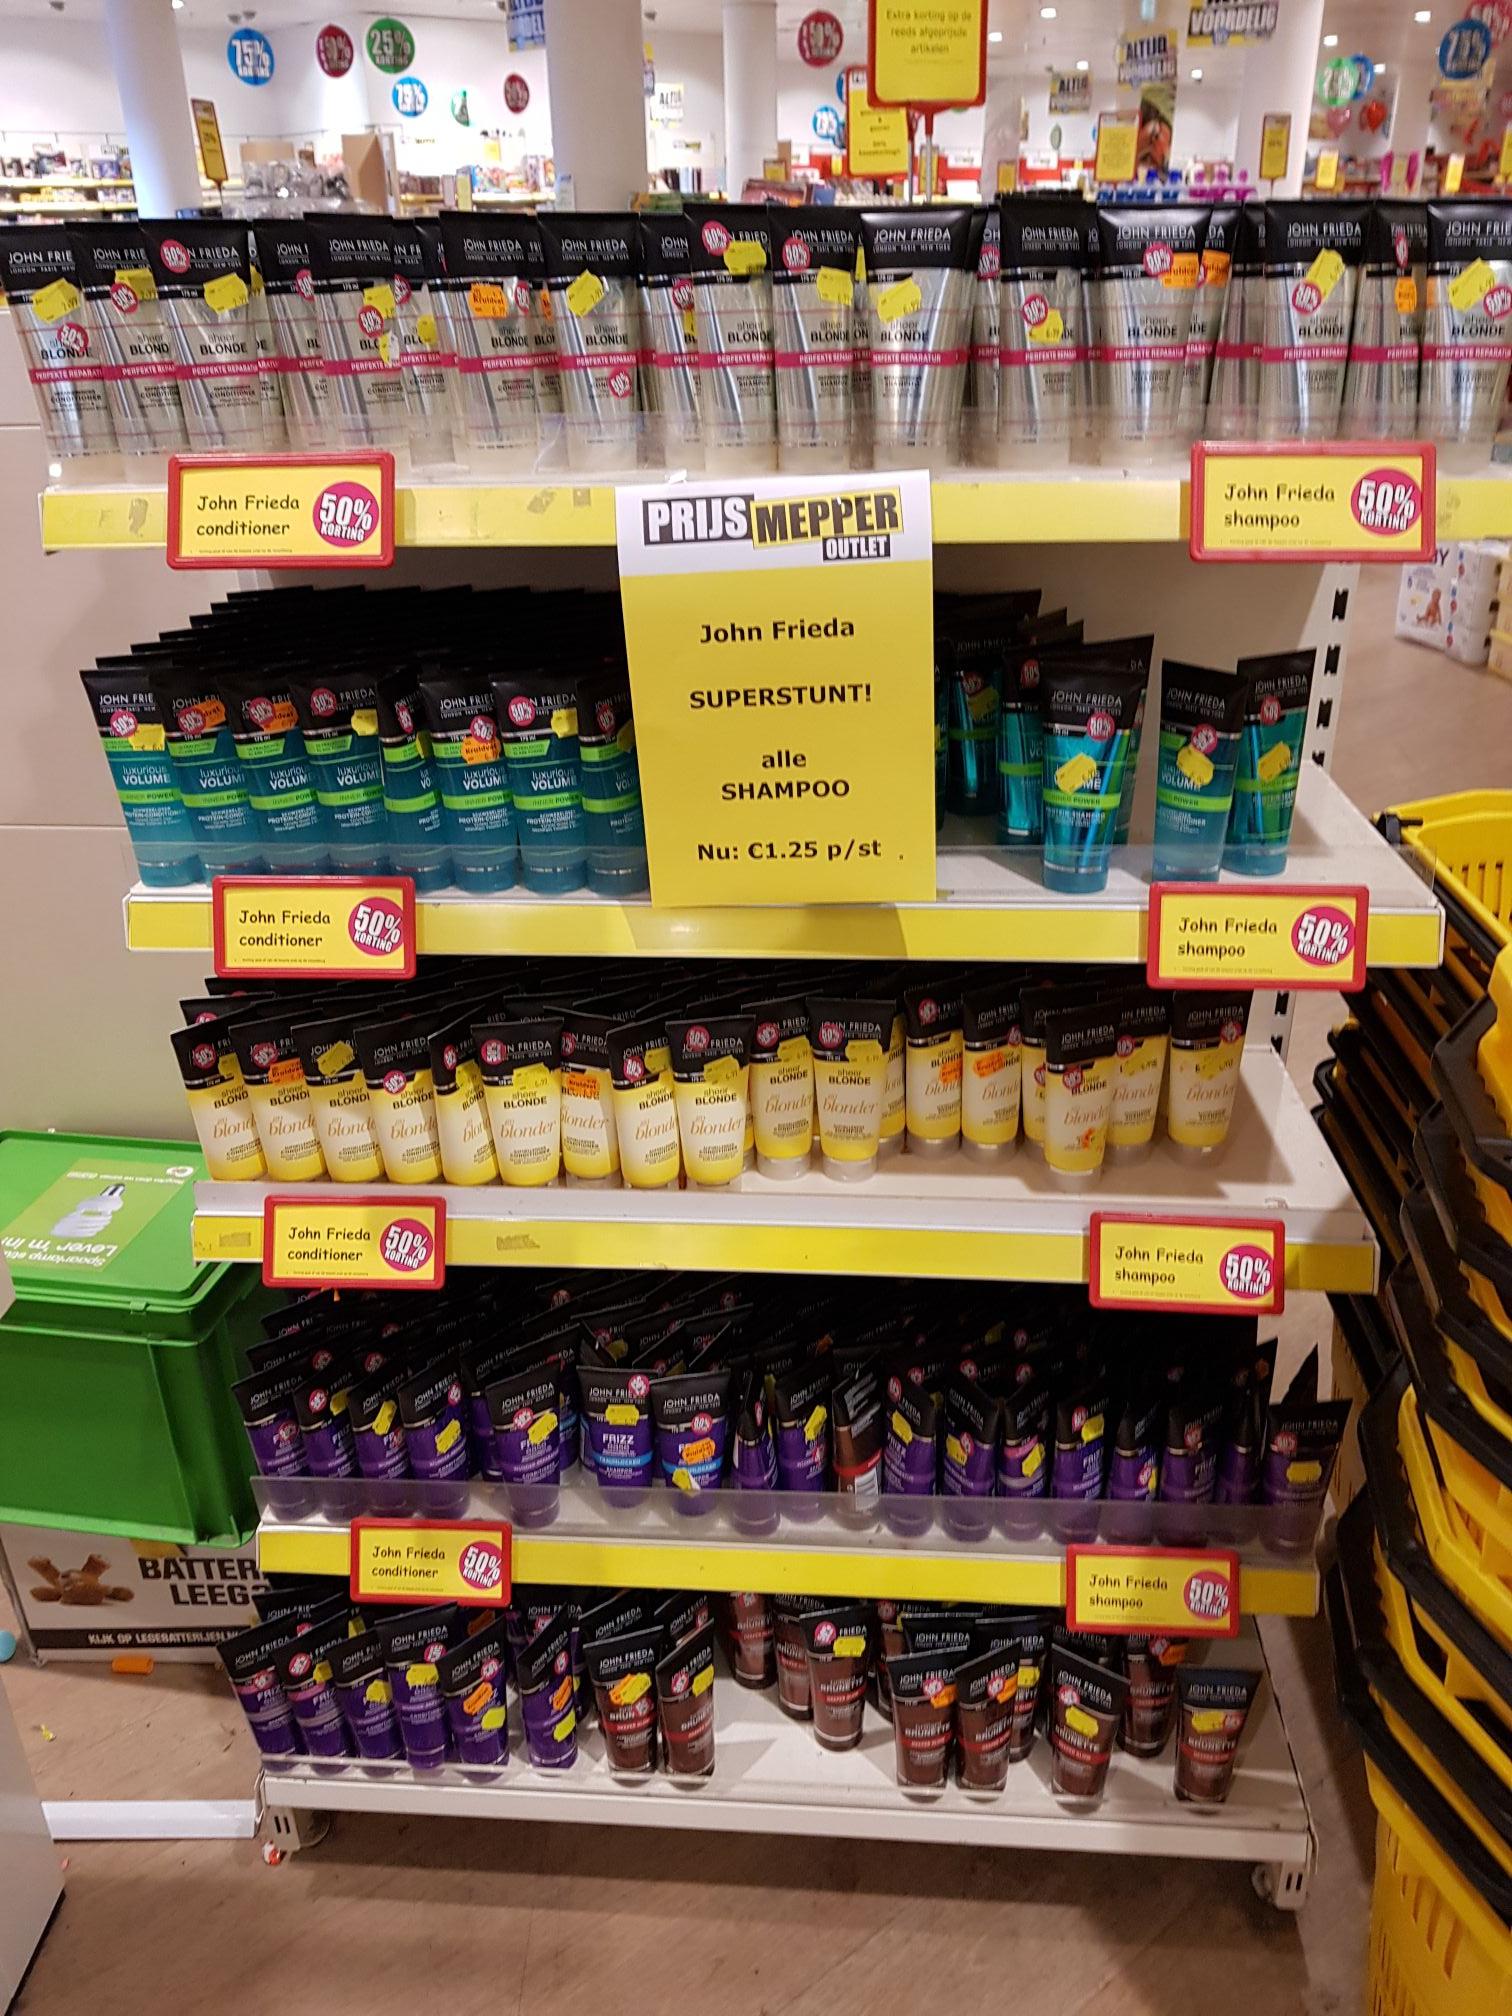 Prijsmepper Zoetermeer John Frieda shampoo €1,25!!